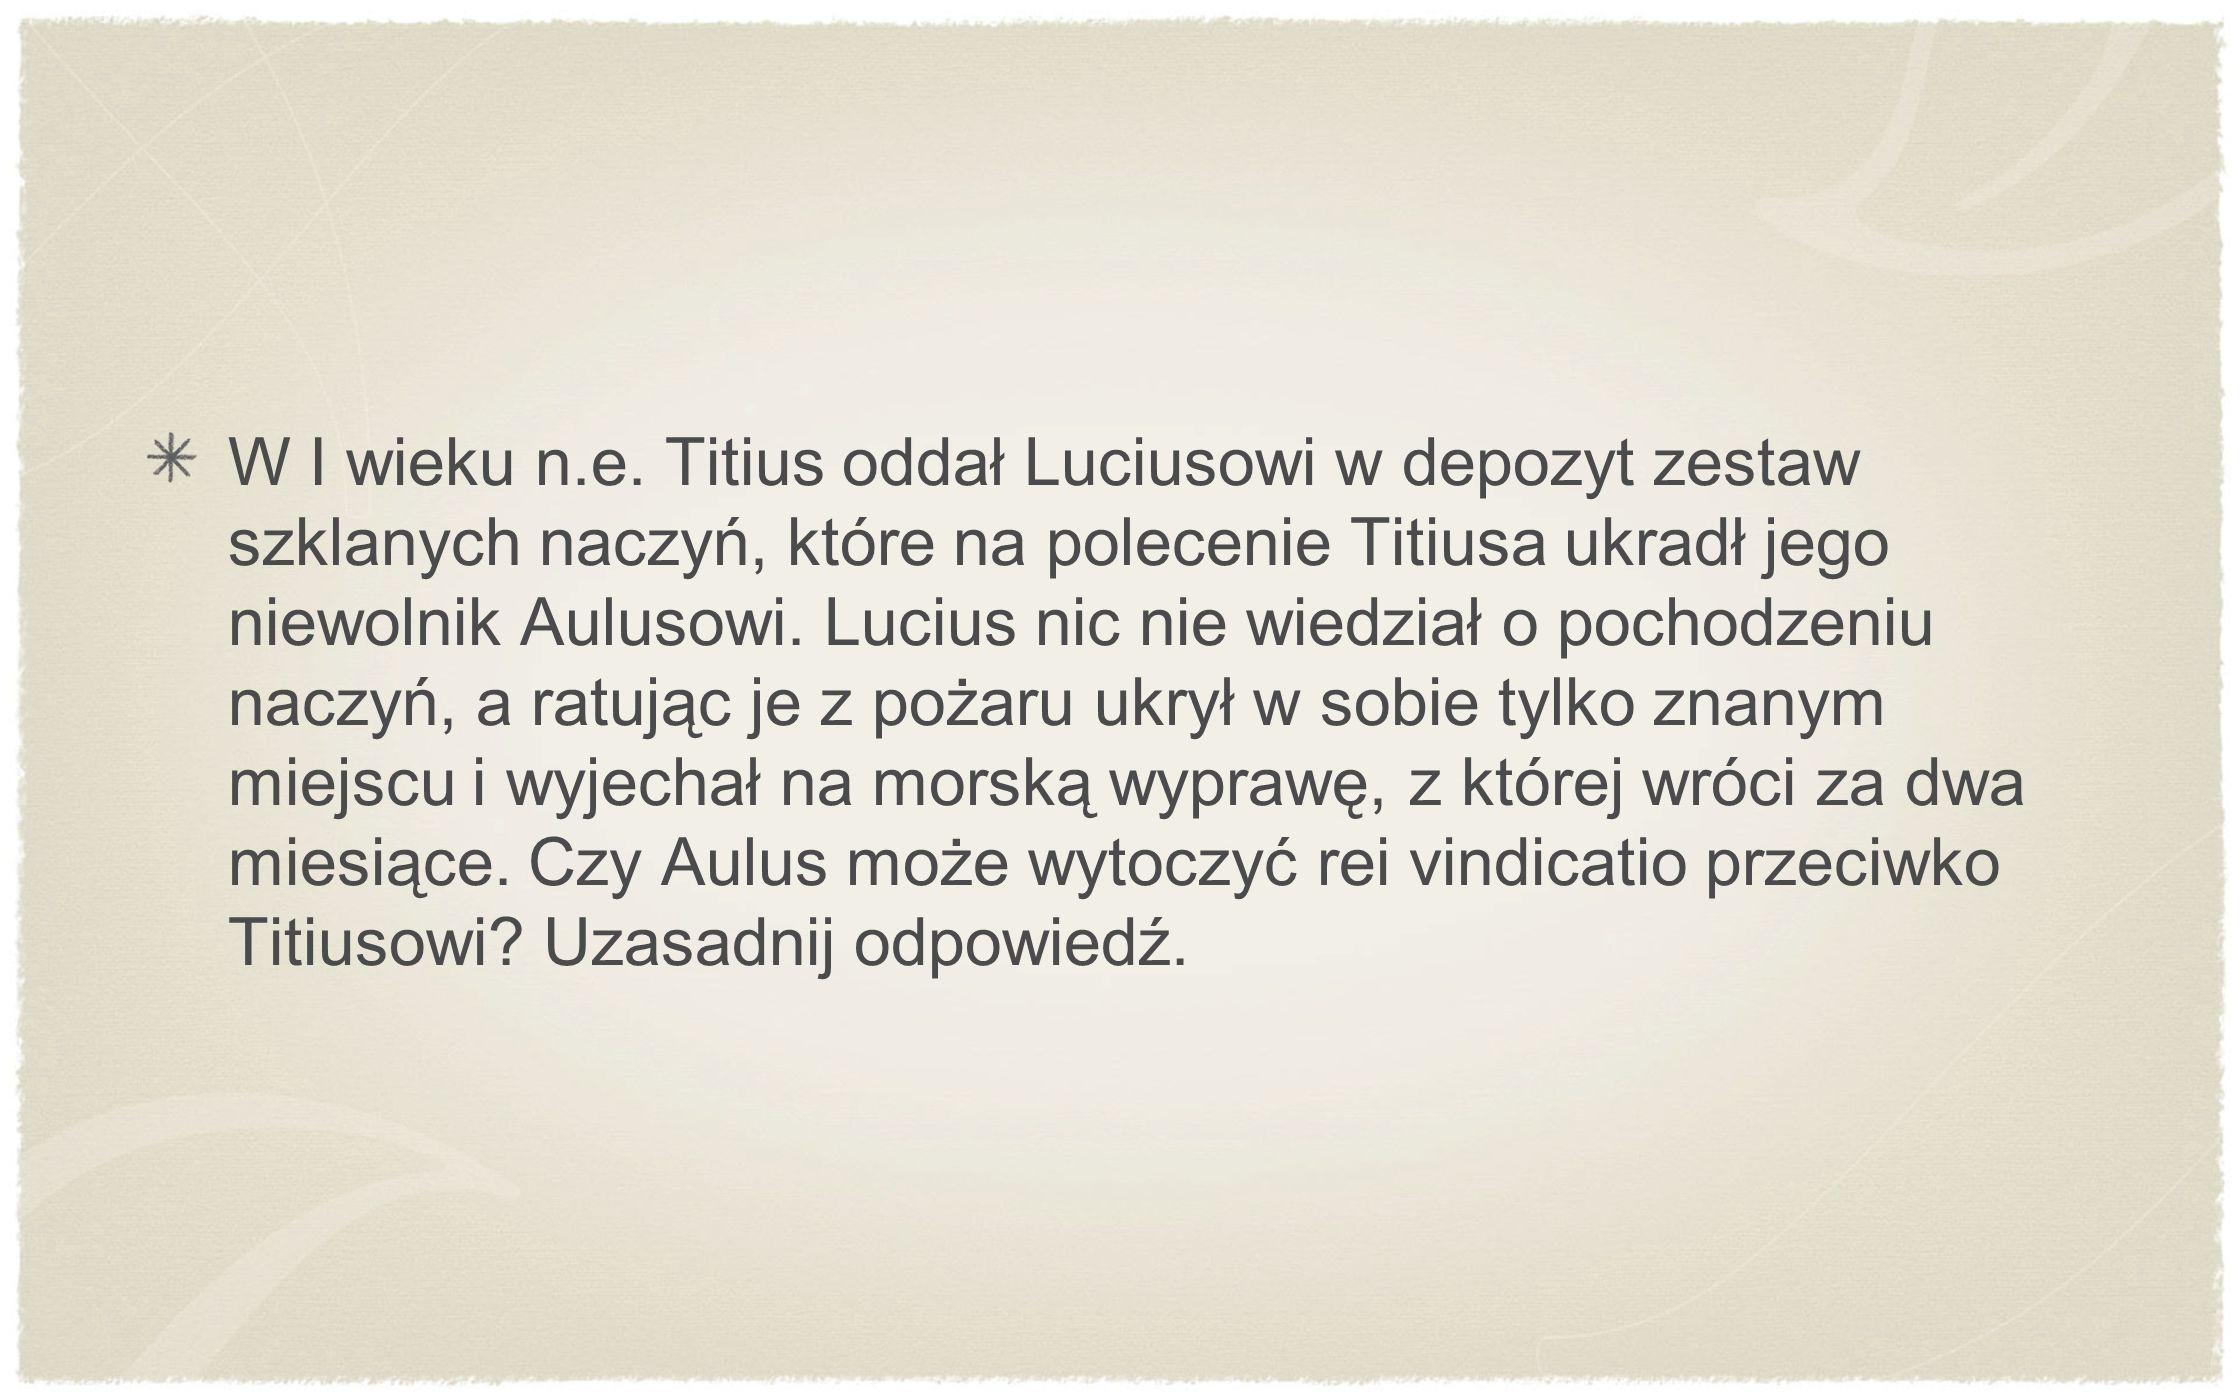 W I wieku n.e. Titius oddał Luciusowi w depozyt zestaw szklanych naczyń, które na polecenie Titiusa ukradł jego niewolnik Aulusowi. Lucius nic nie wie